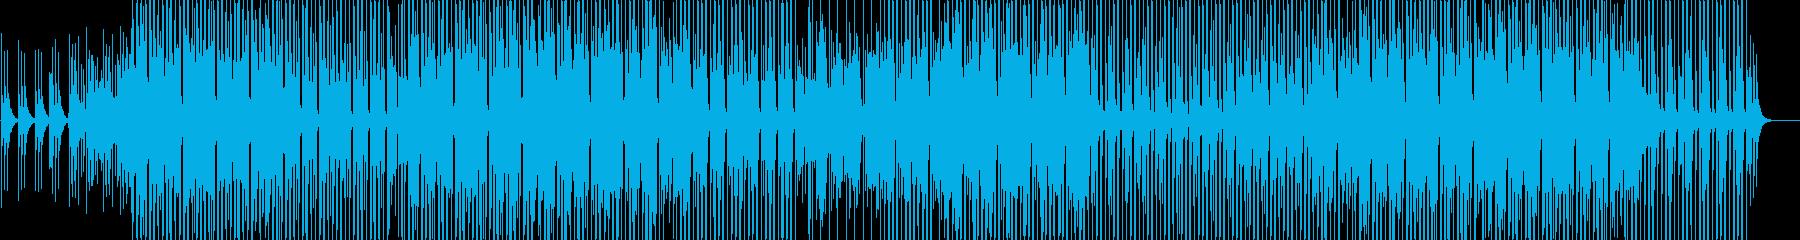 落ち着いたトロピカルハウスの再生済みの波形